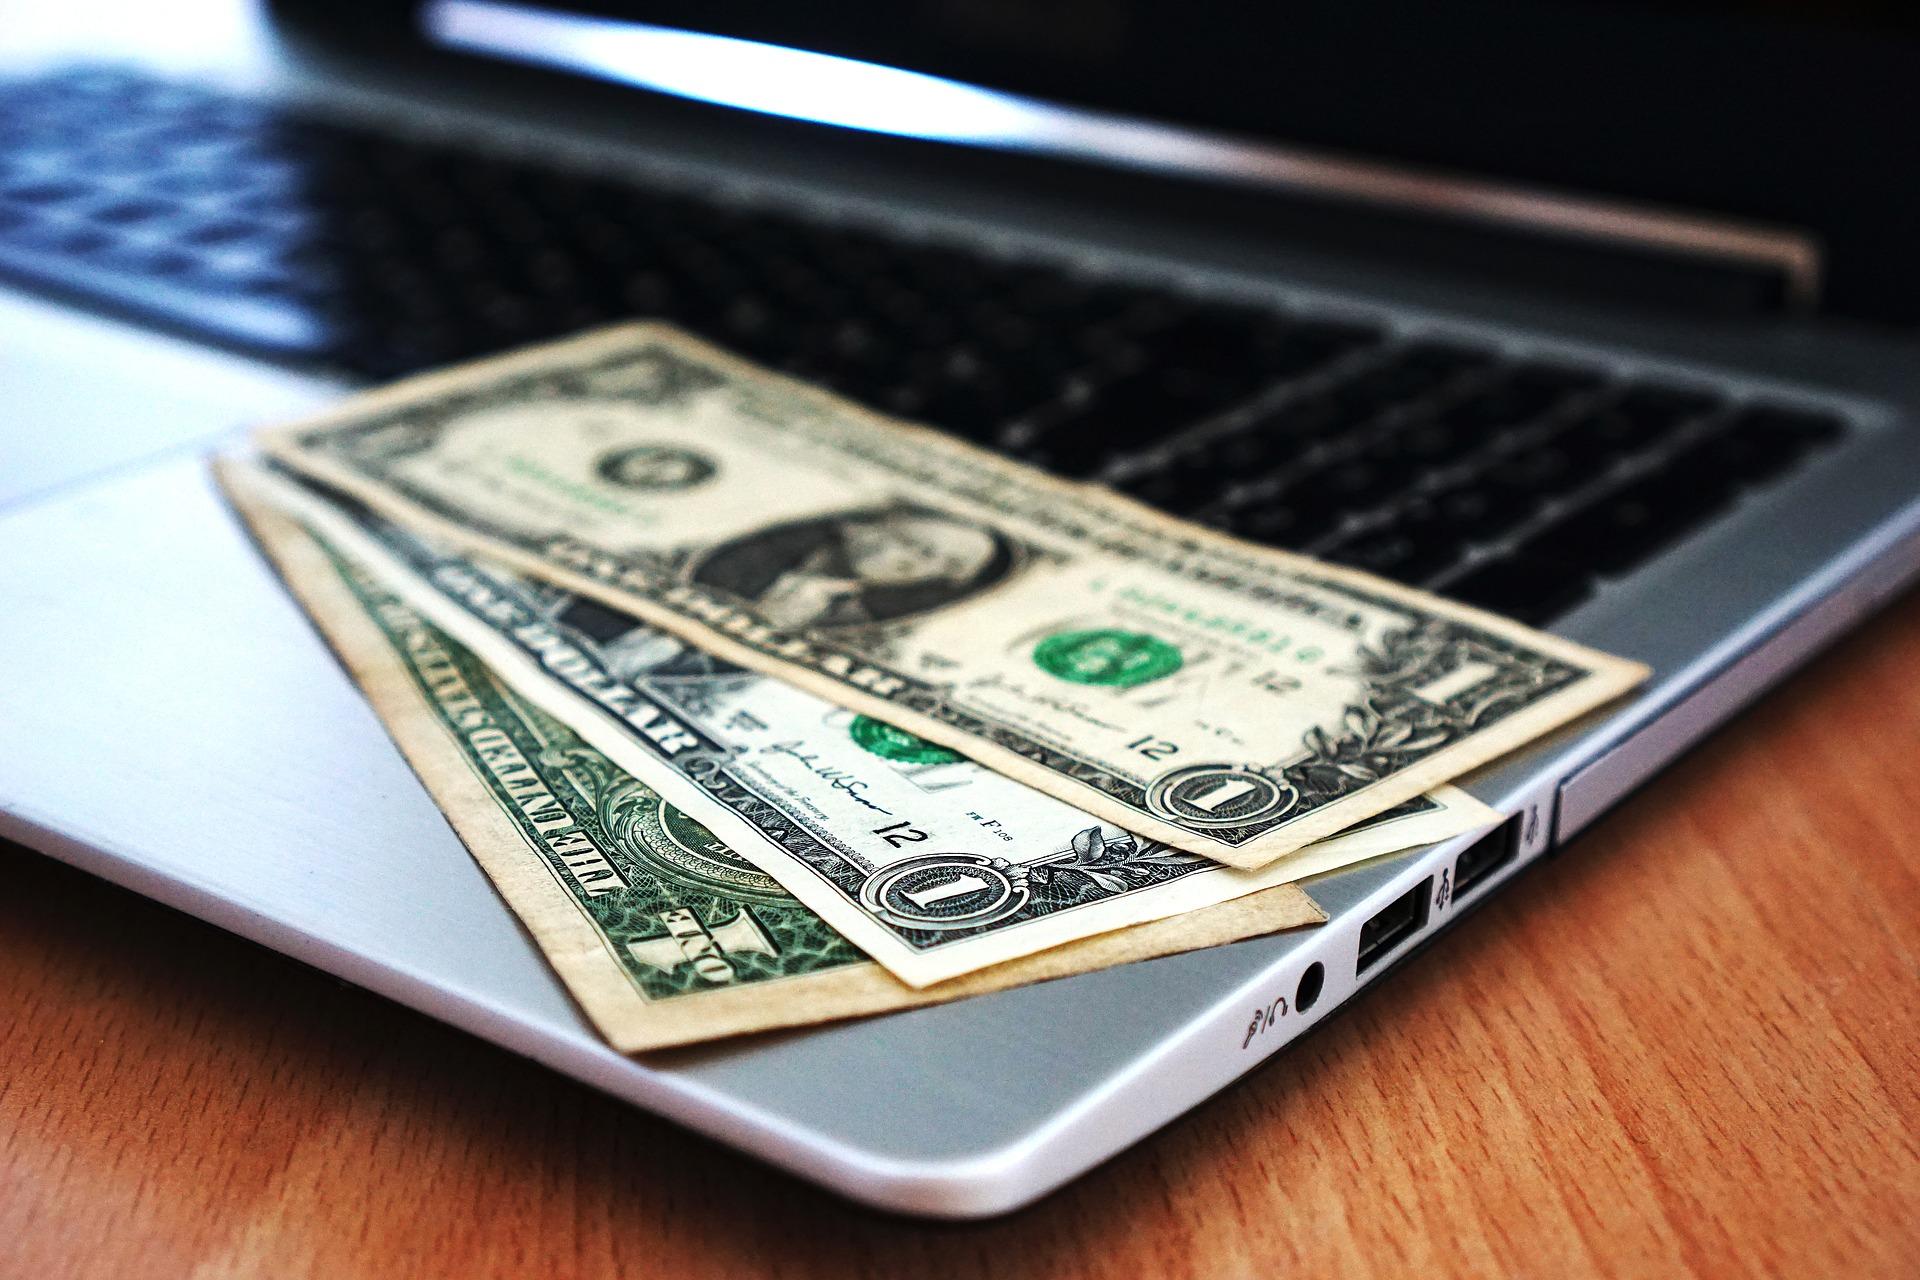 Jak freelancer może zapewnić sobie bezpieczeństwo finansowe?